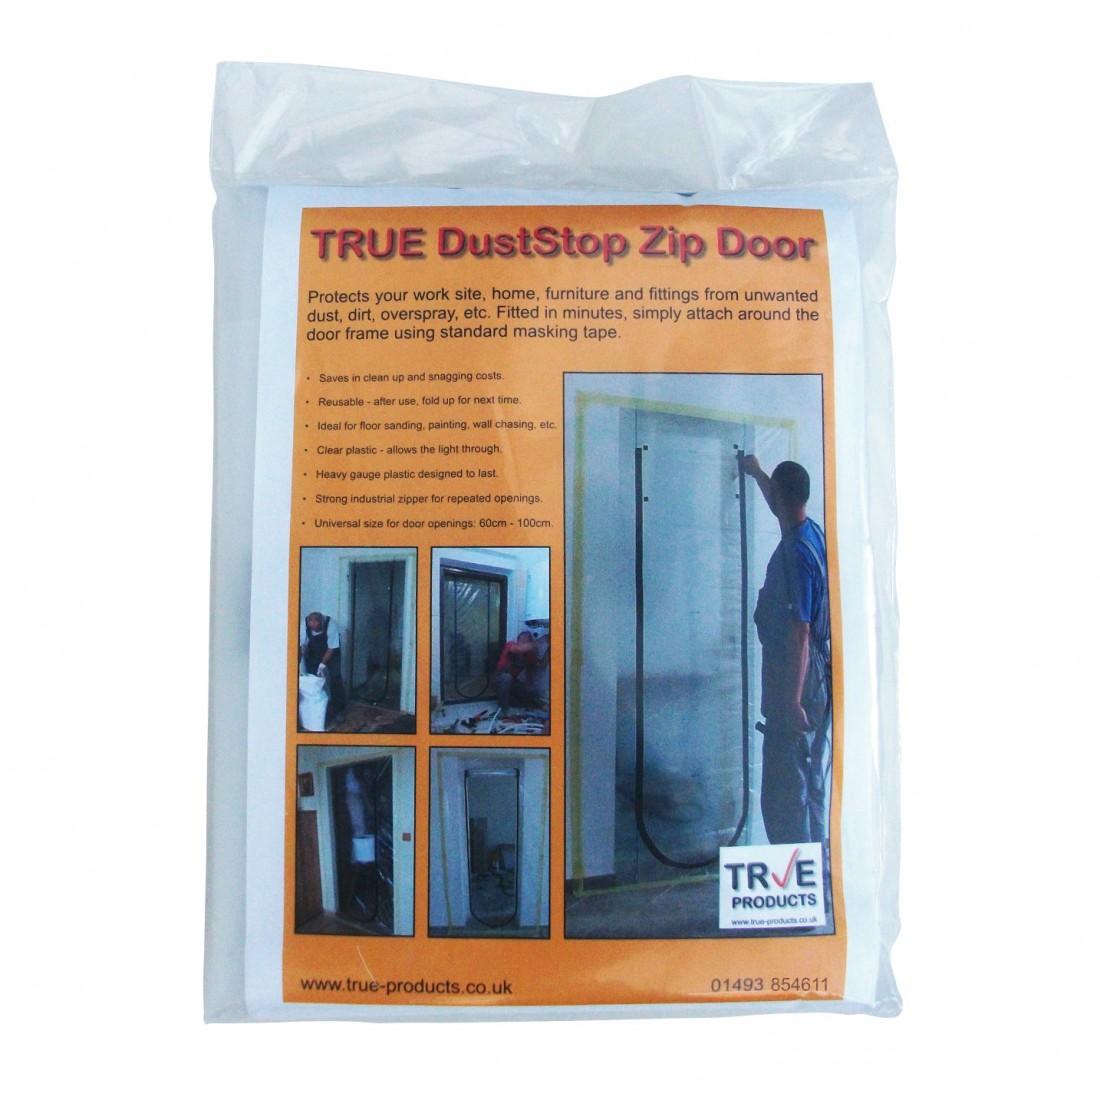 True Dust Stop Zip Door Kit